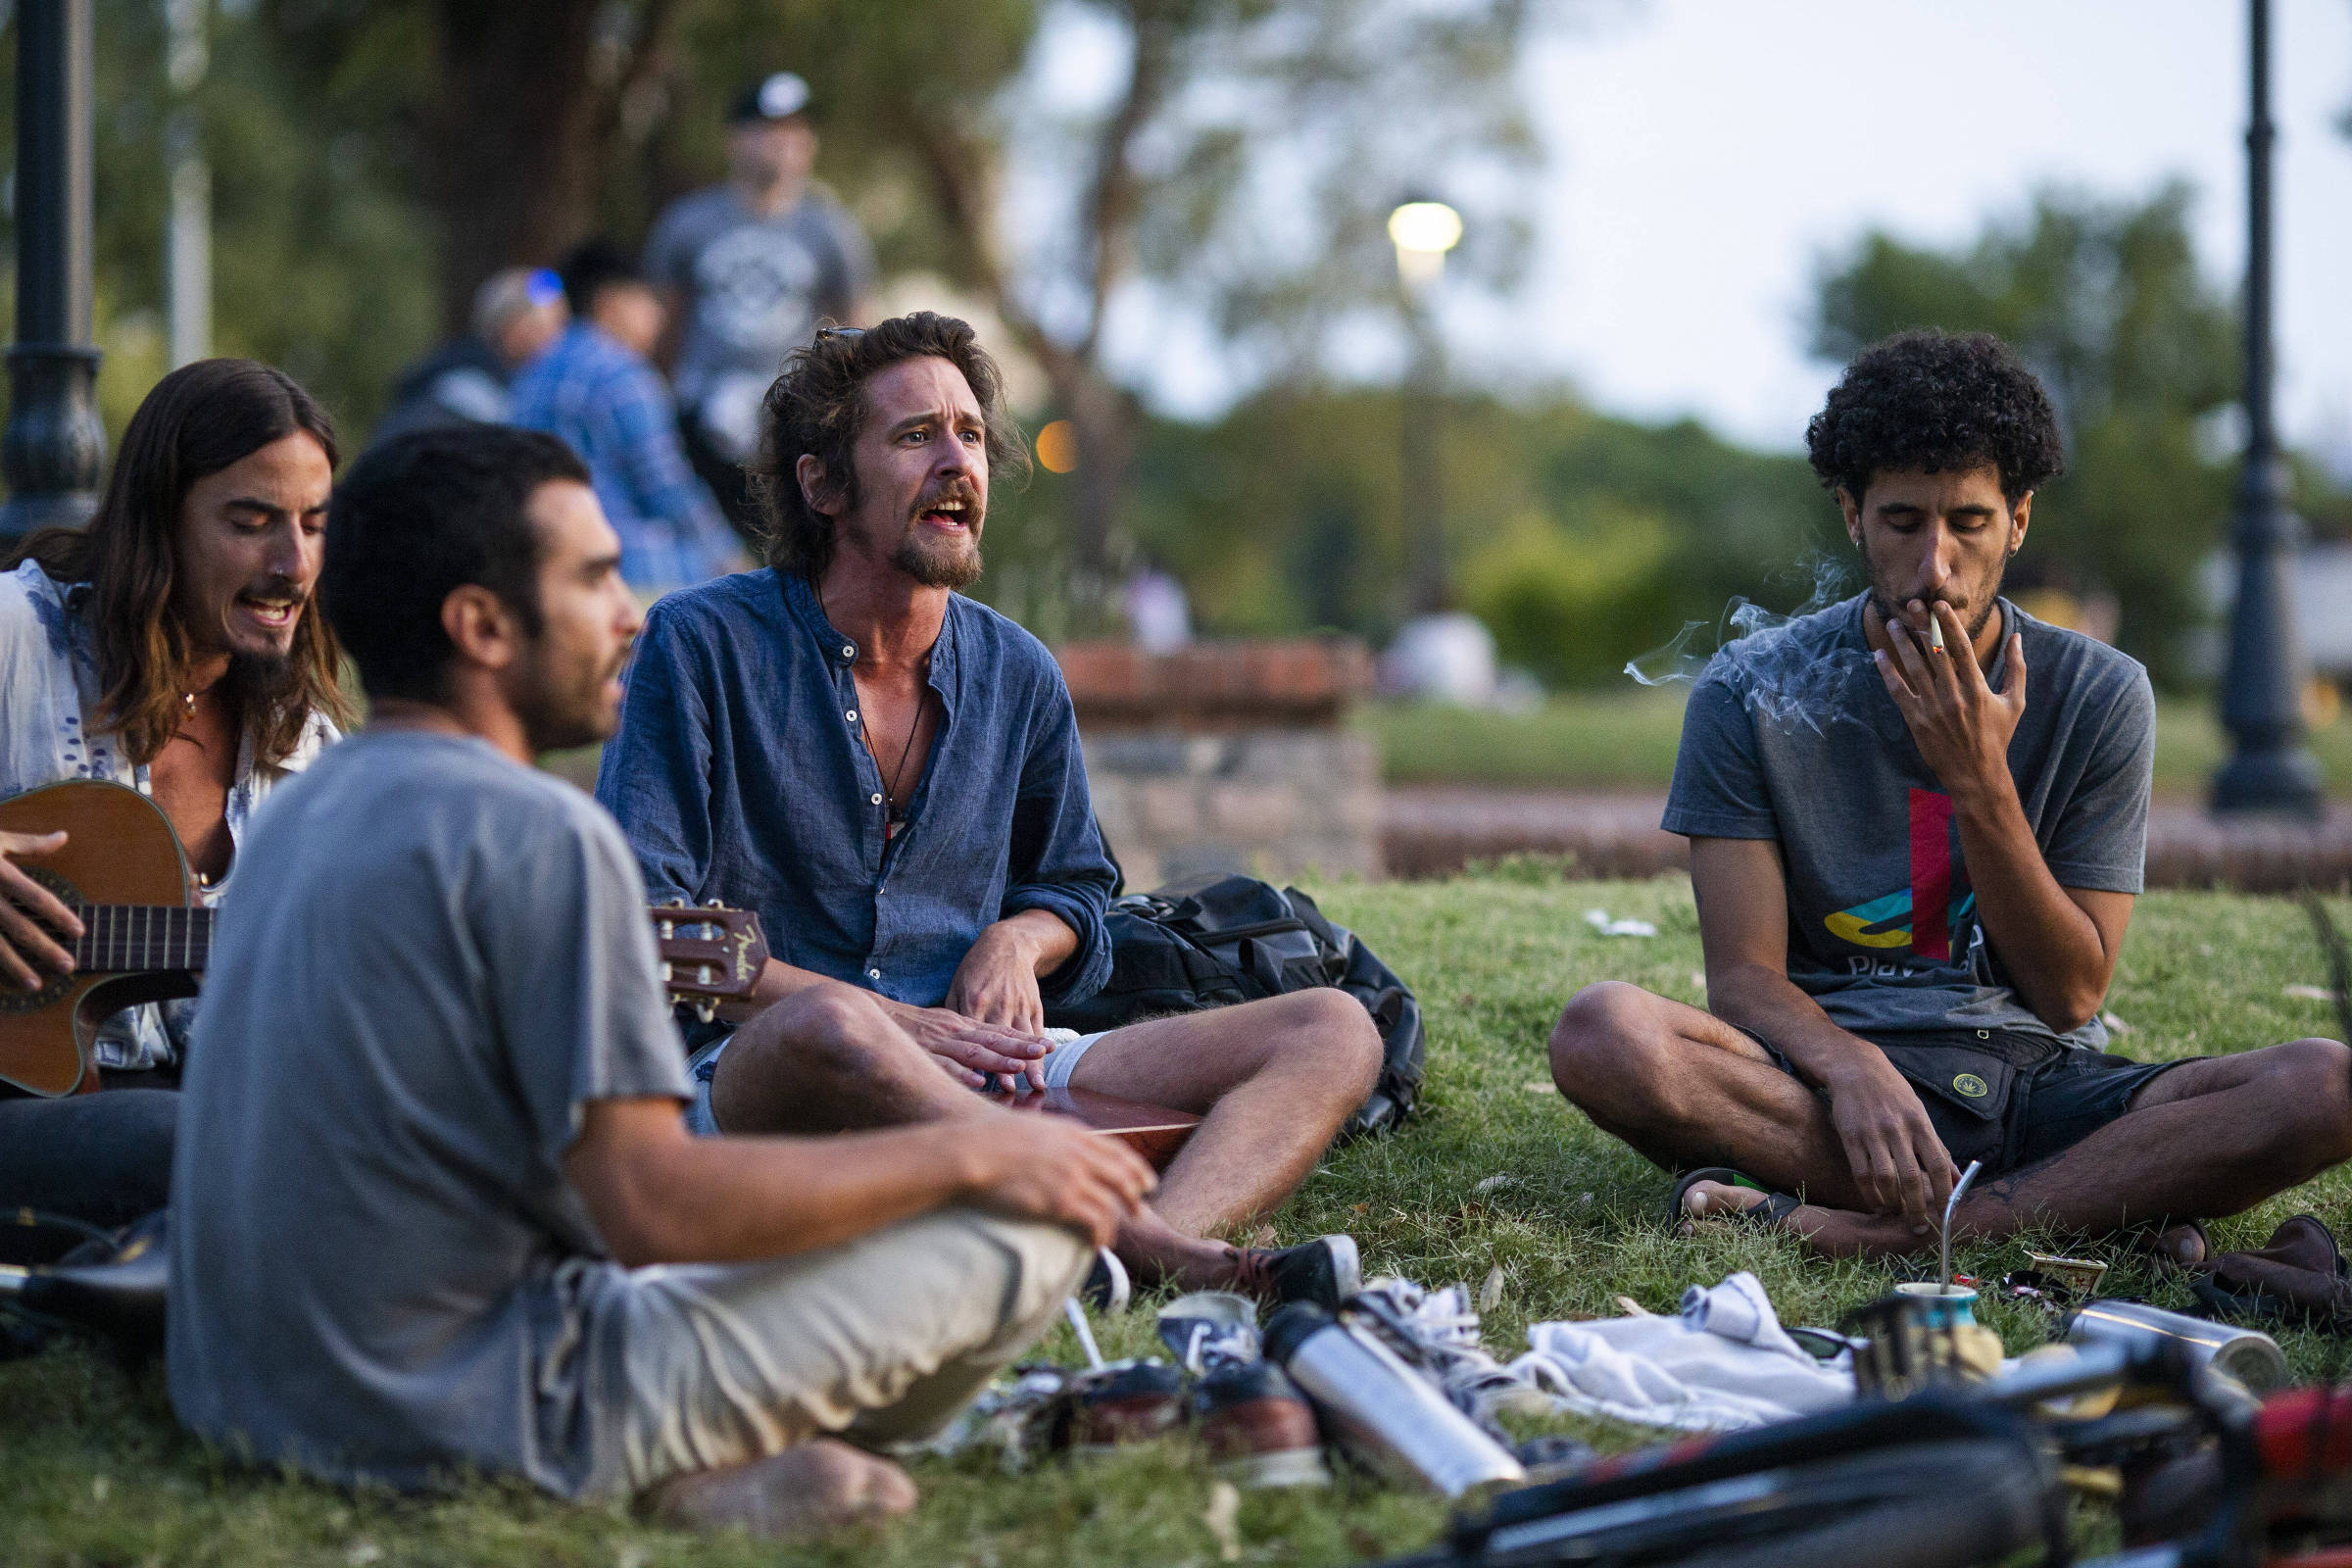 Jovens fumam maconha no parque Rodó, em Montevidéu